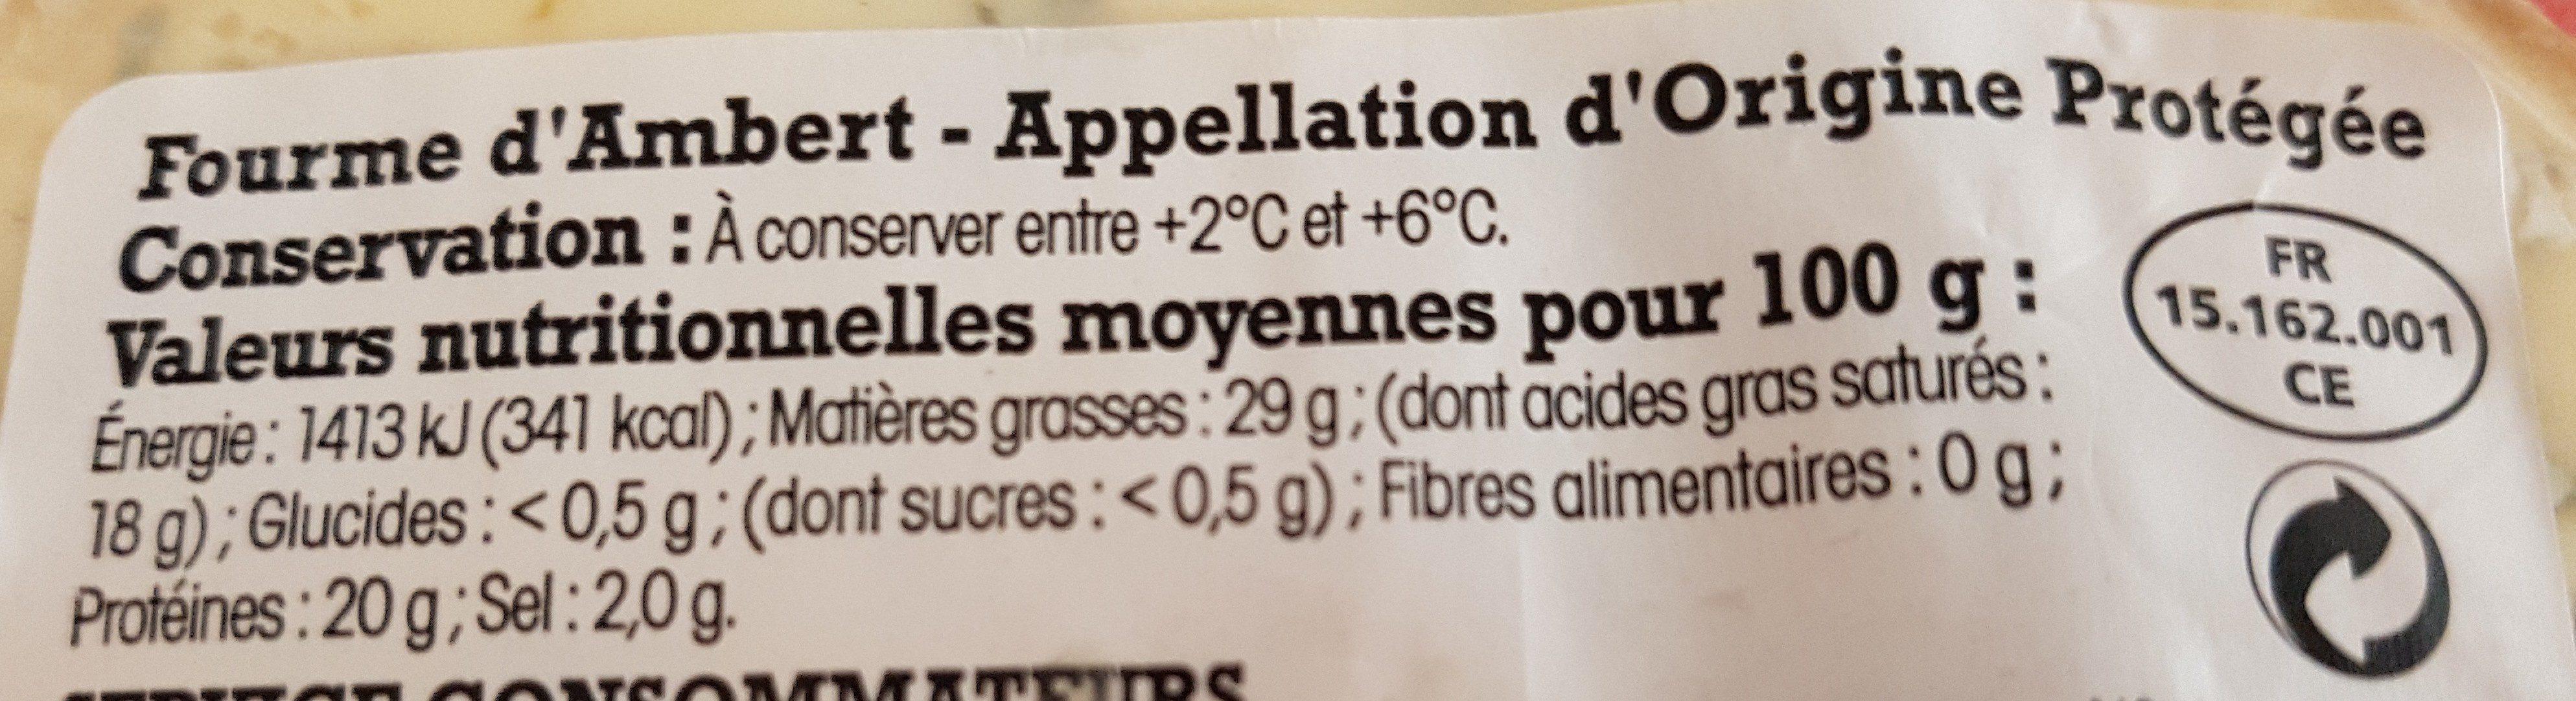 Fourme d'Ambert- Appellation d'Origine Protégée - Ingrediënten